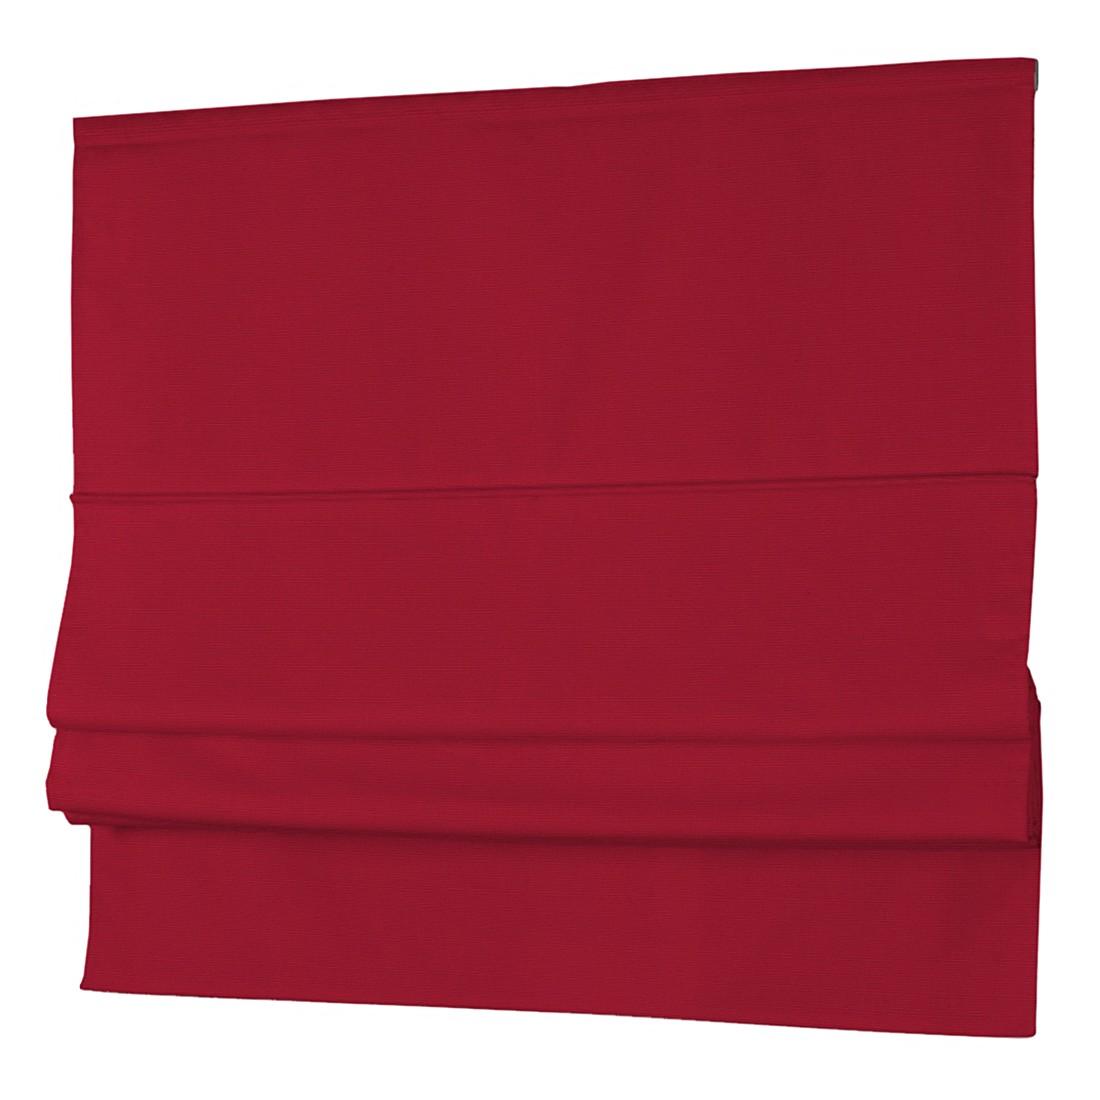 Raffrollo Cotton Panama – Rubinrot – 100 x 170 cm, Dekoria jetzt bestellen